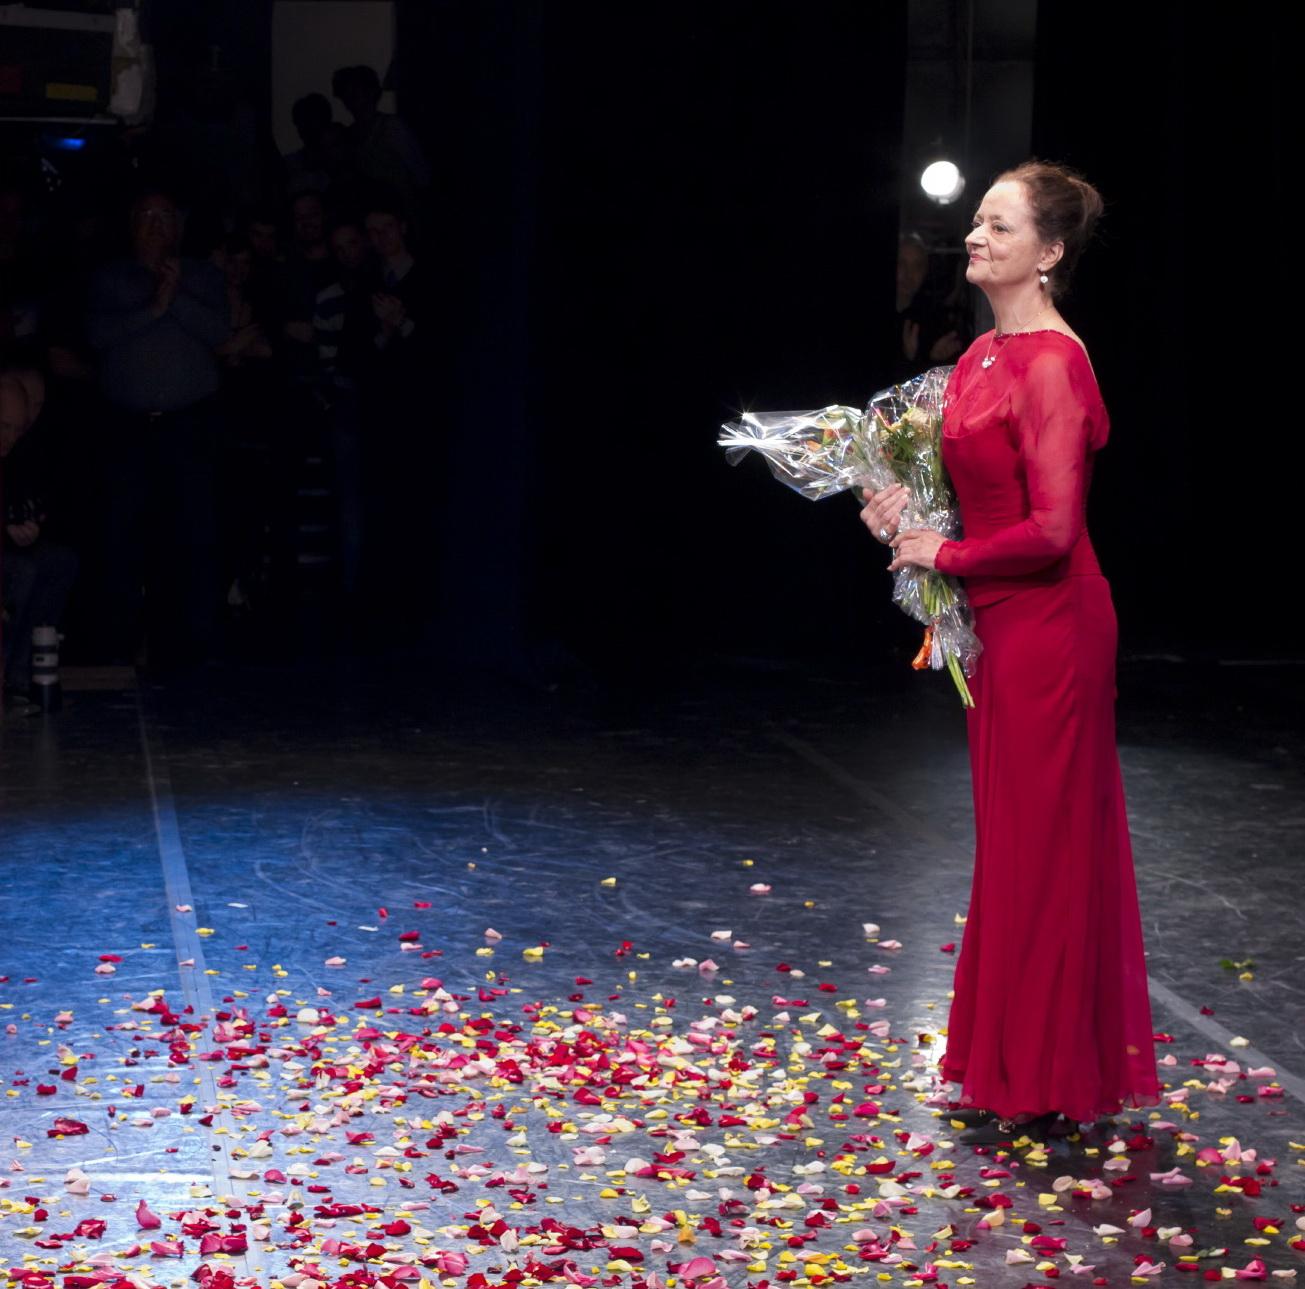 Pártay Lilla köszöntése az Operaház színpadán 2011-ben - fotó: Csillag Pál, forrás: Magyar Állami Operaház